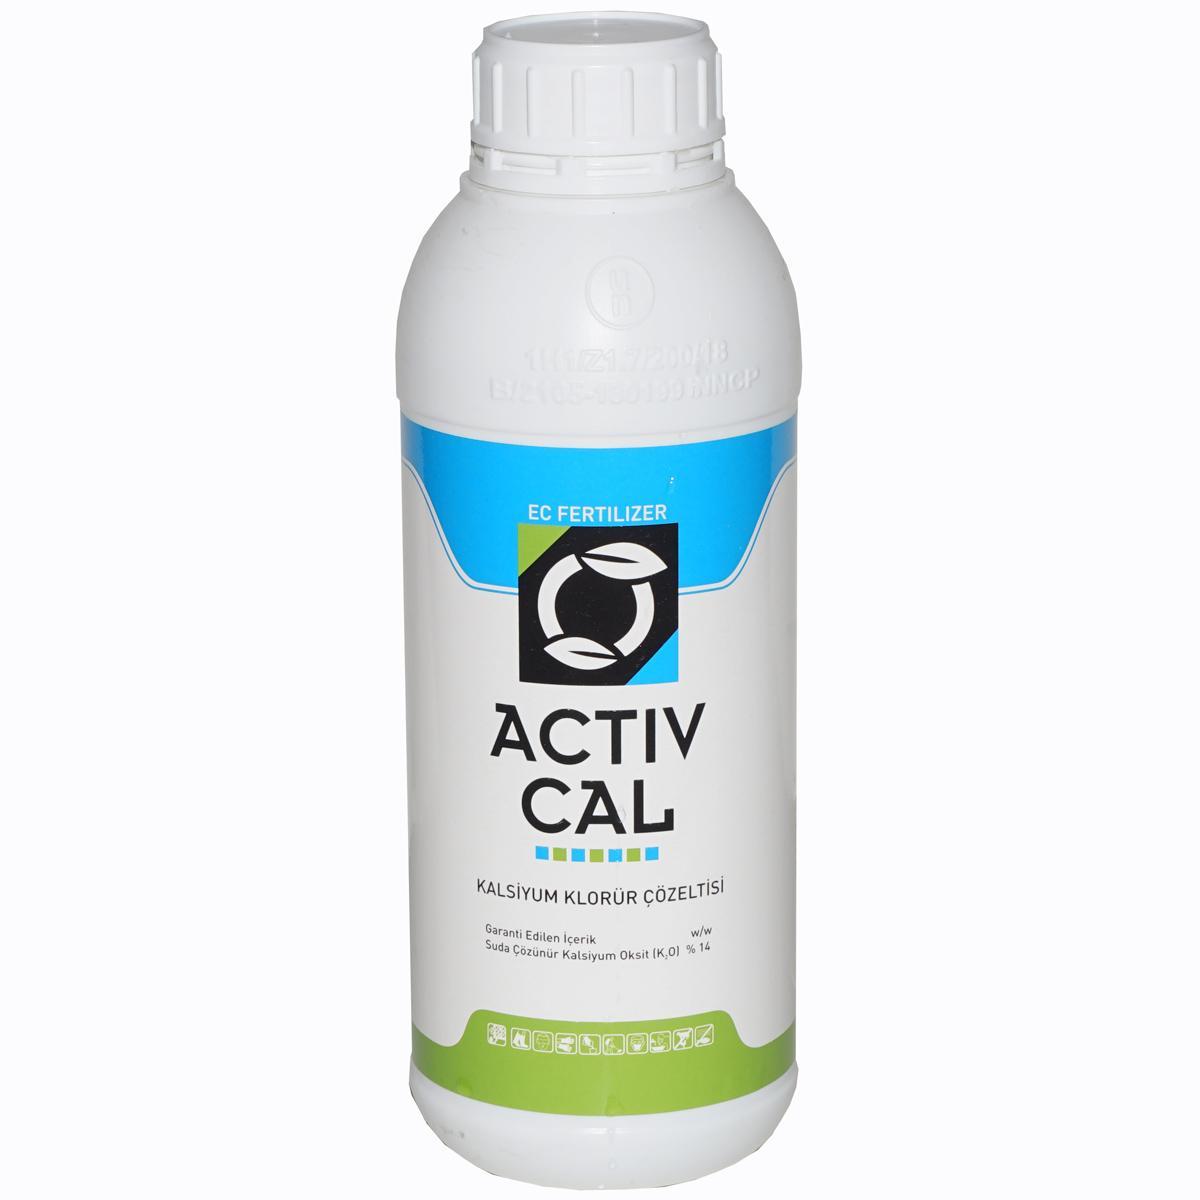 ACTIVCAL CALCIUM CHLORIDE FERTILIZER